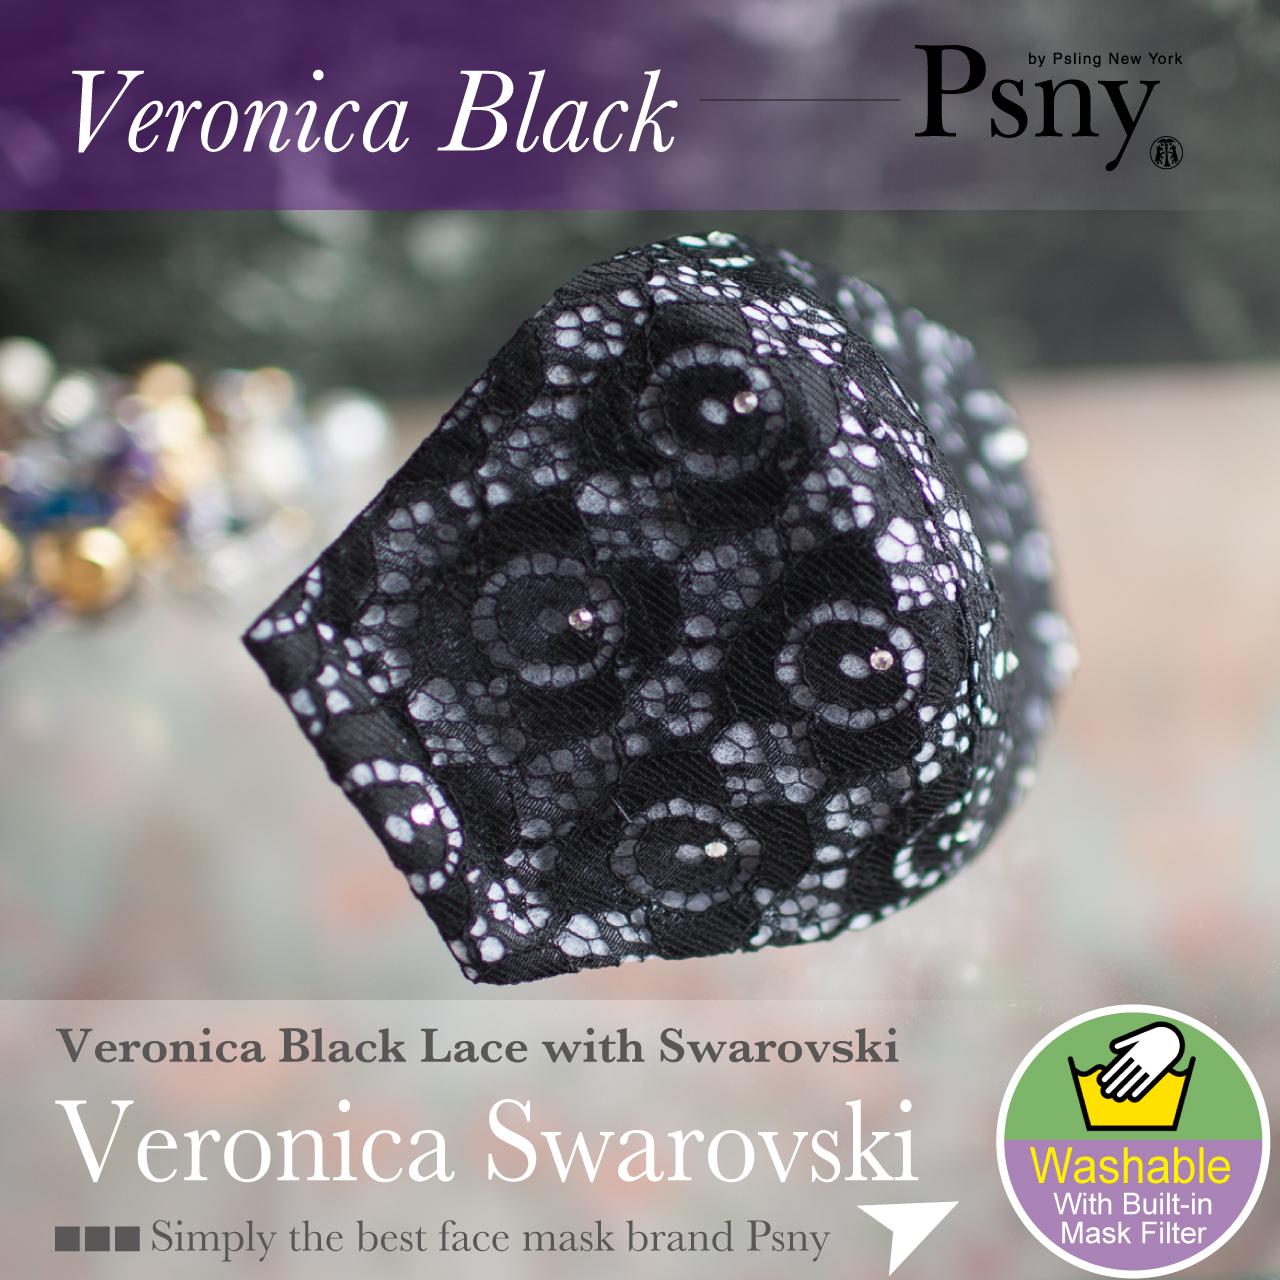 PSNY ベロニカ・スワロフスキー・ブラック 花粉 黄砂 洗える不織布フィルター入り 立体 大人用 マスク 送料無料 LV1